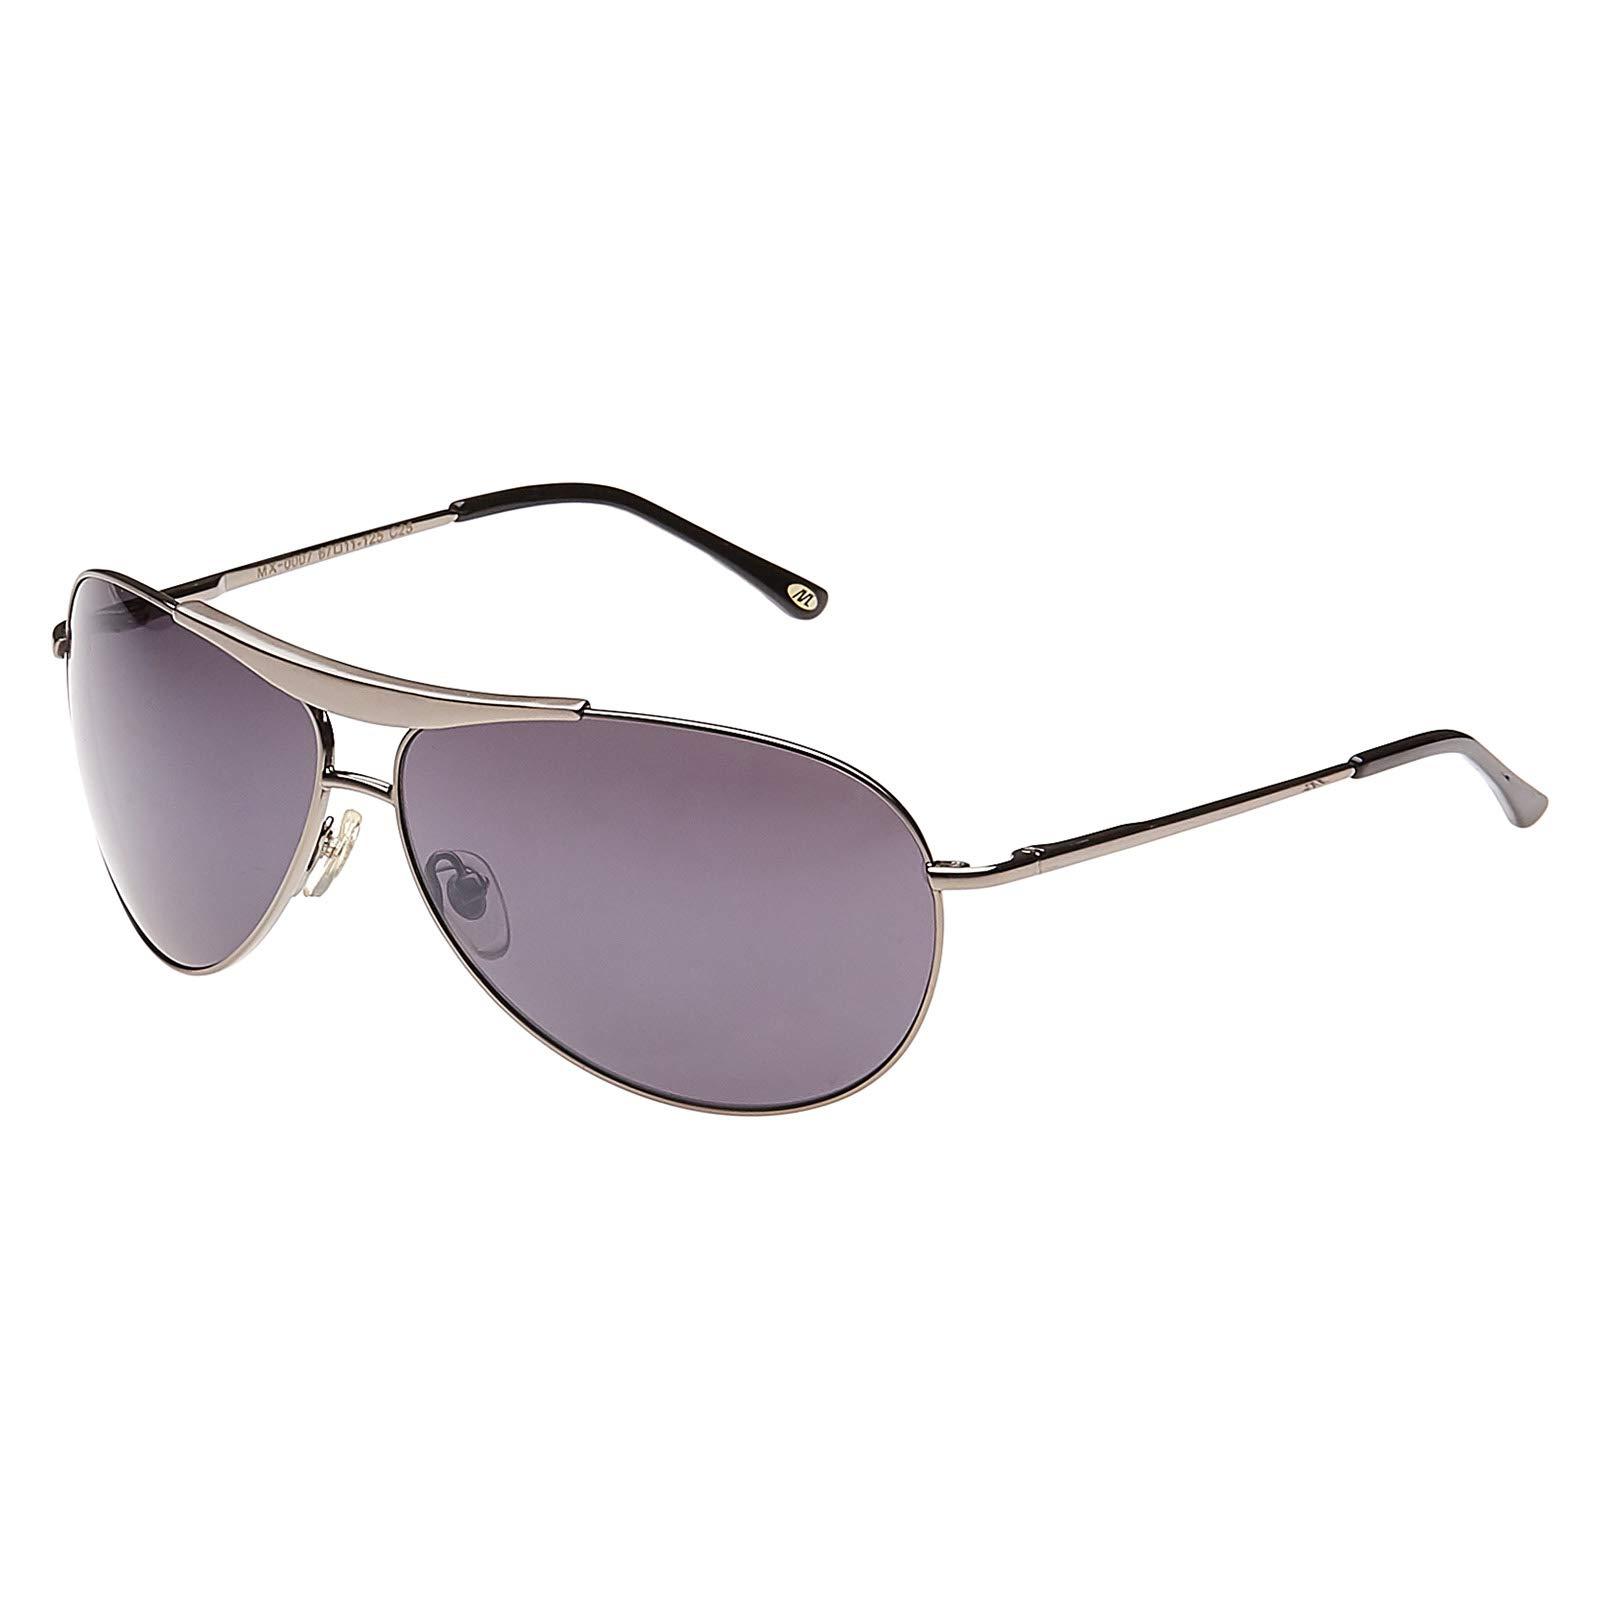 a743b08e2 سعر نظارة شمسية بتصميم افياتور من ماكسيما للنساء - Mx0007-C25 فى ...